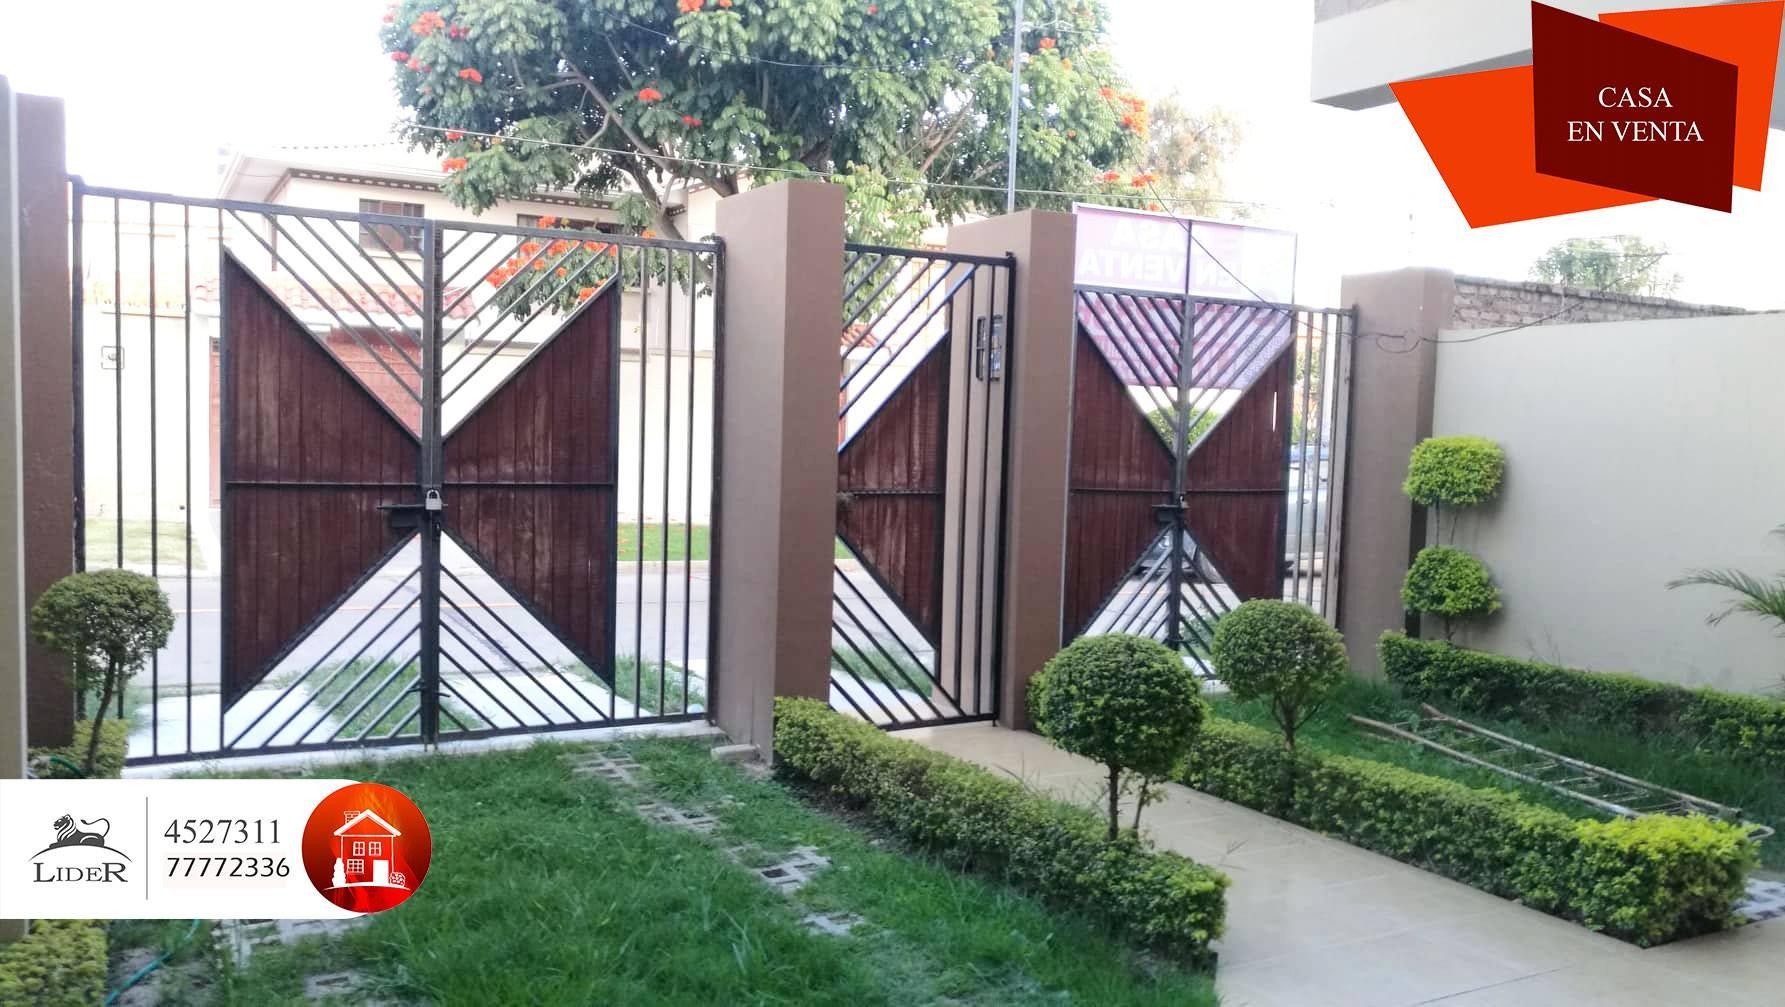 Casa en Venta CHALET PROXIMO AV. AMÉRICA OESTE (BARRIO PROFESIONAL) Foto 2